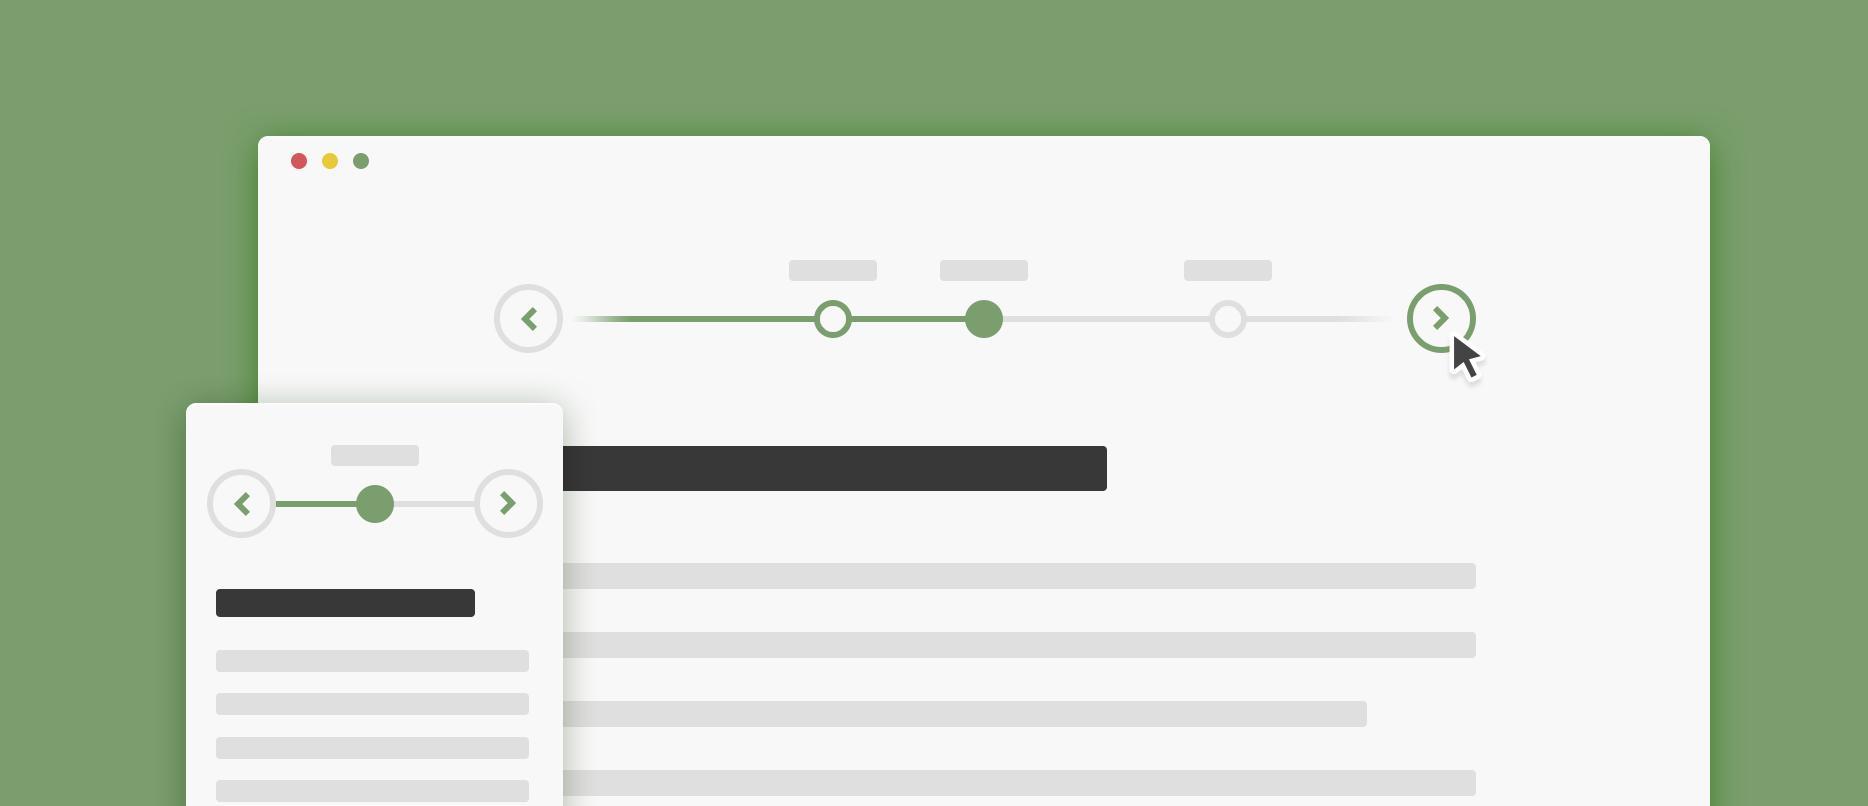 Mock-up of timeline screen